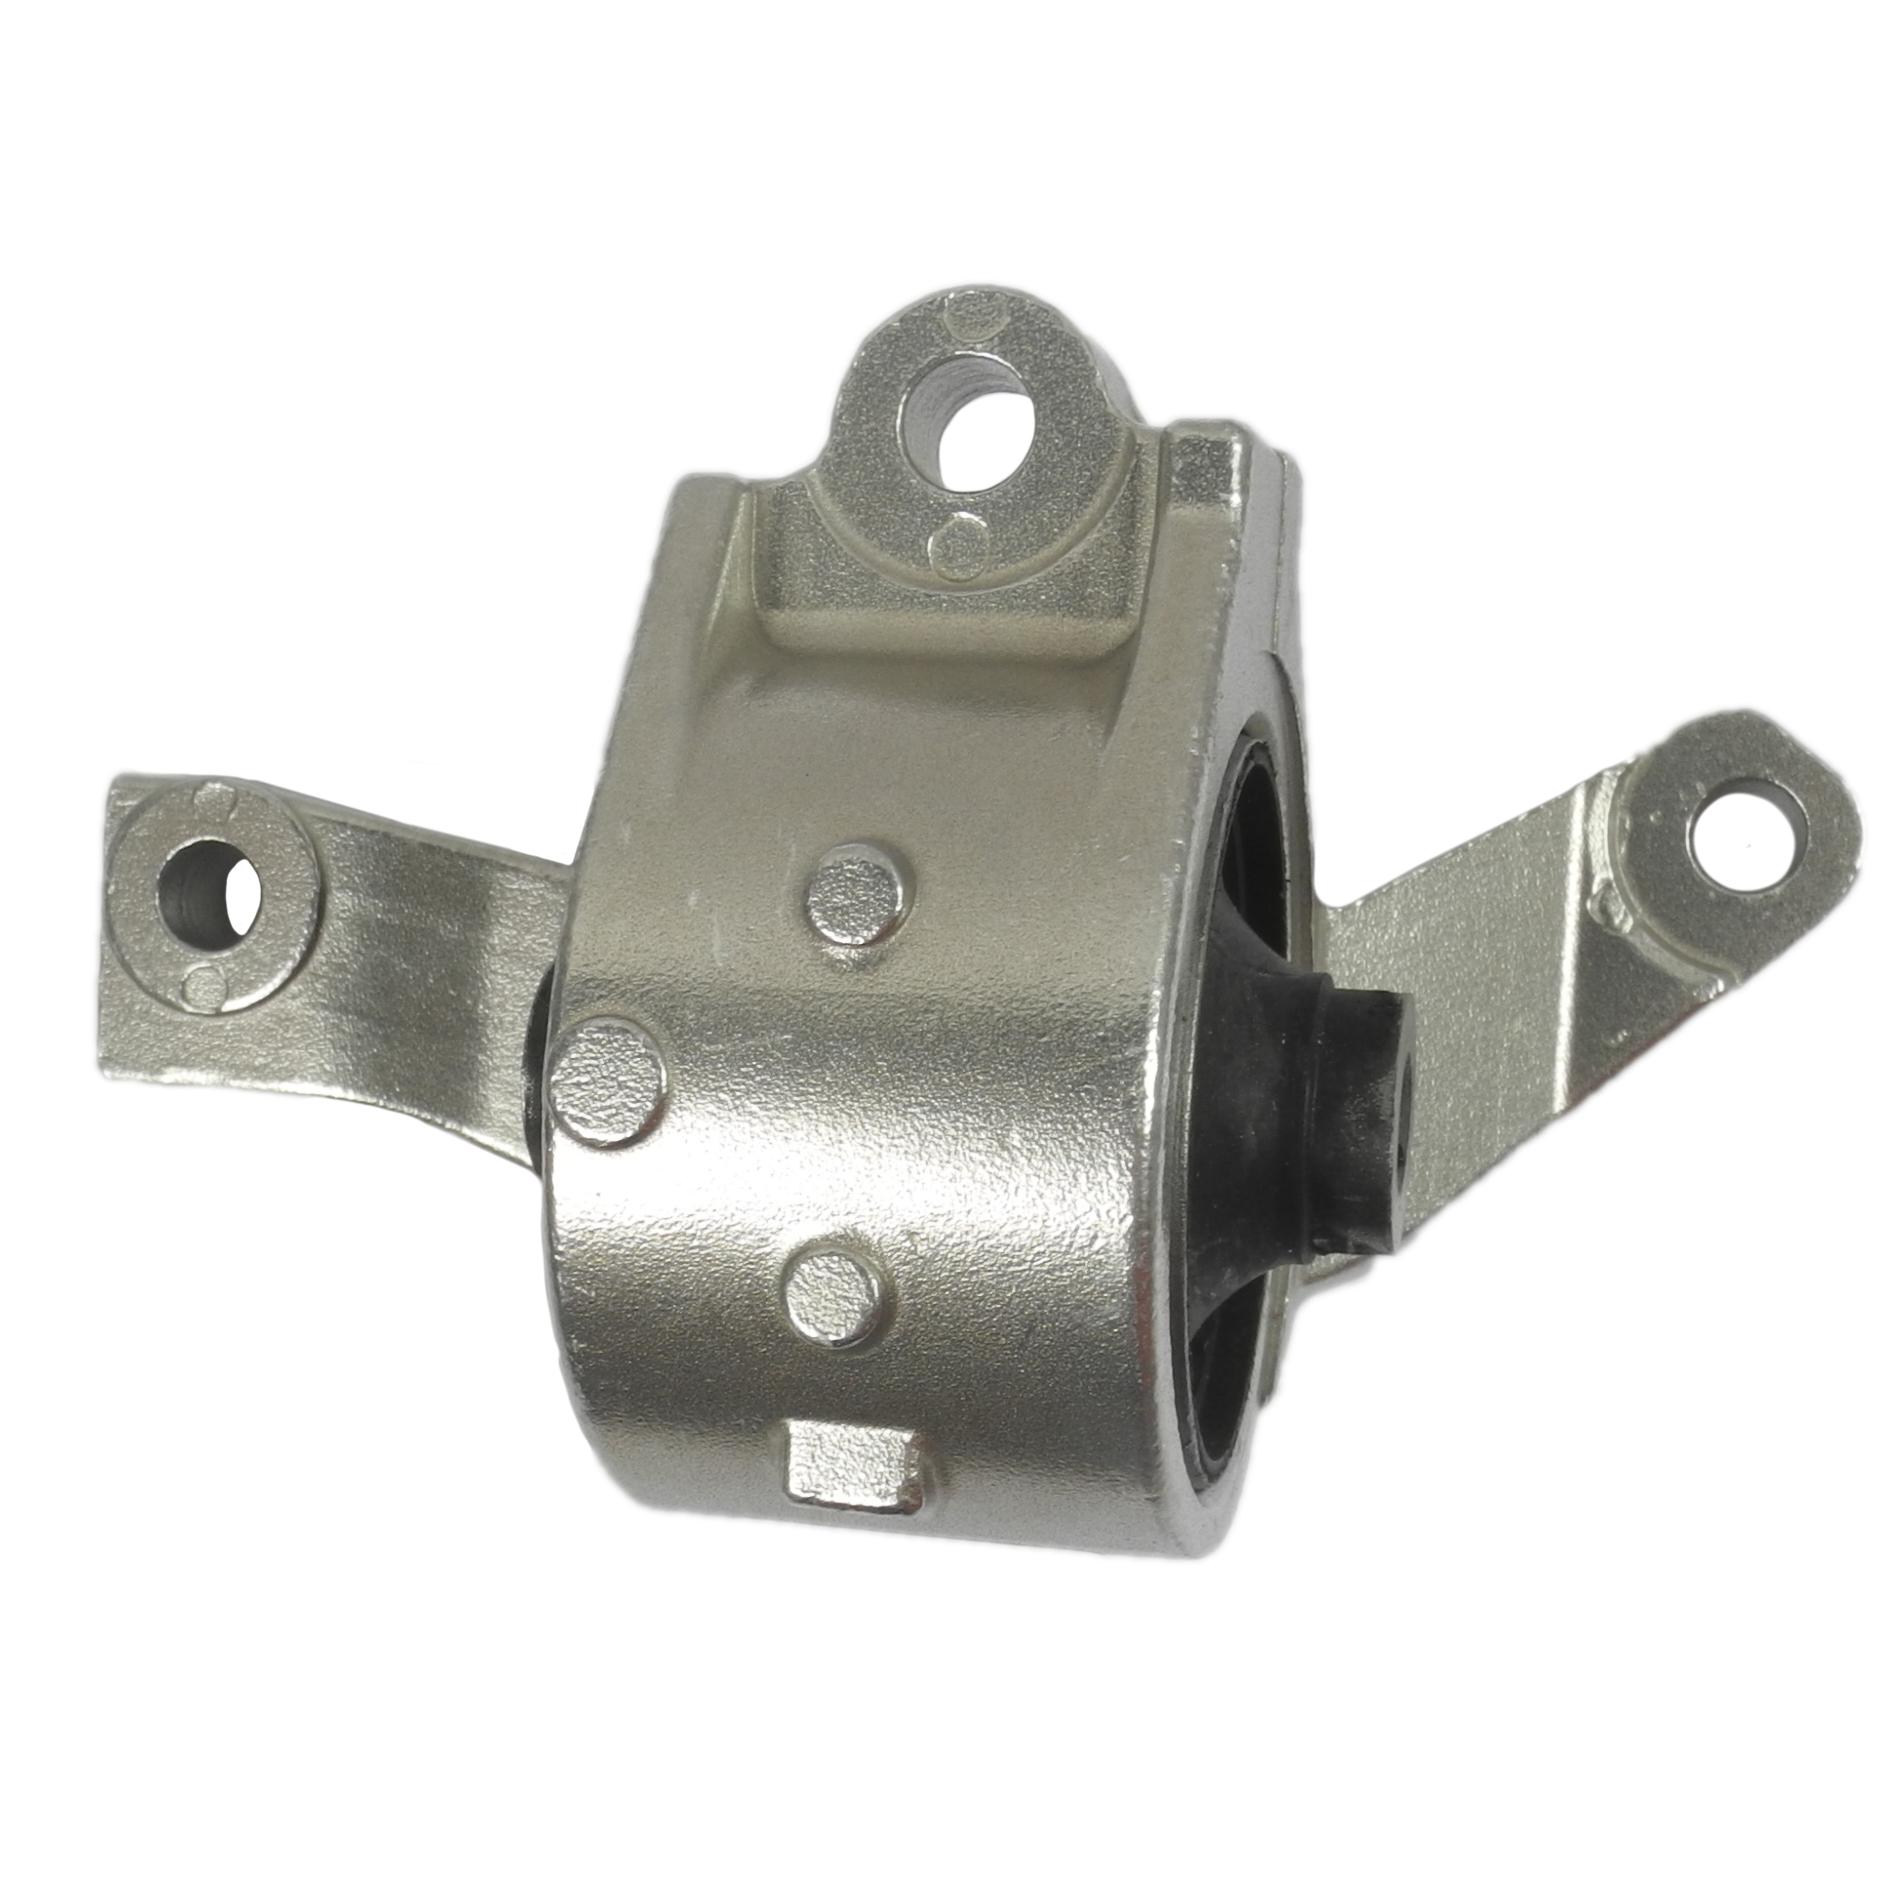 MotorKing For Acura 07-09 MDX 3.7L 07-08 TL 3.2/3.5L